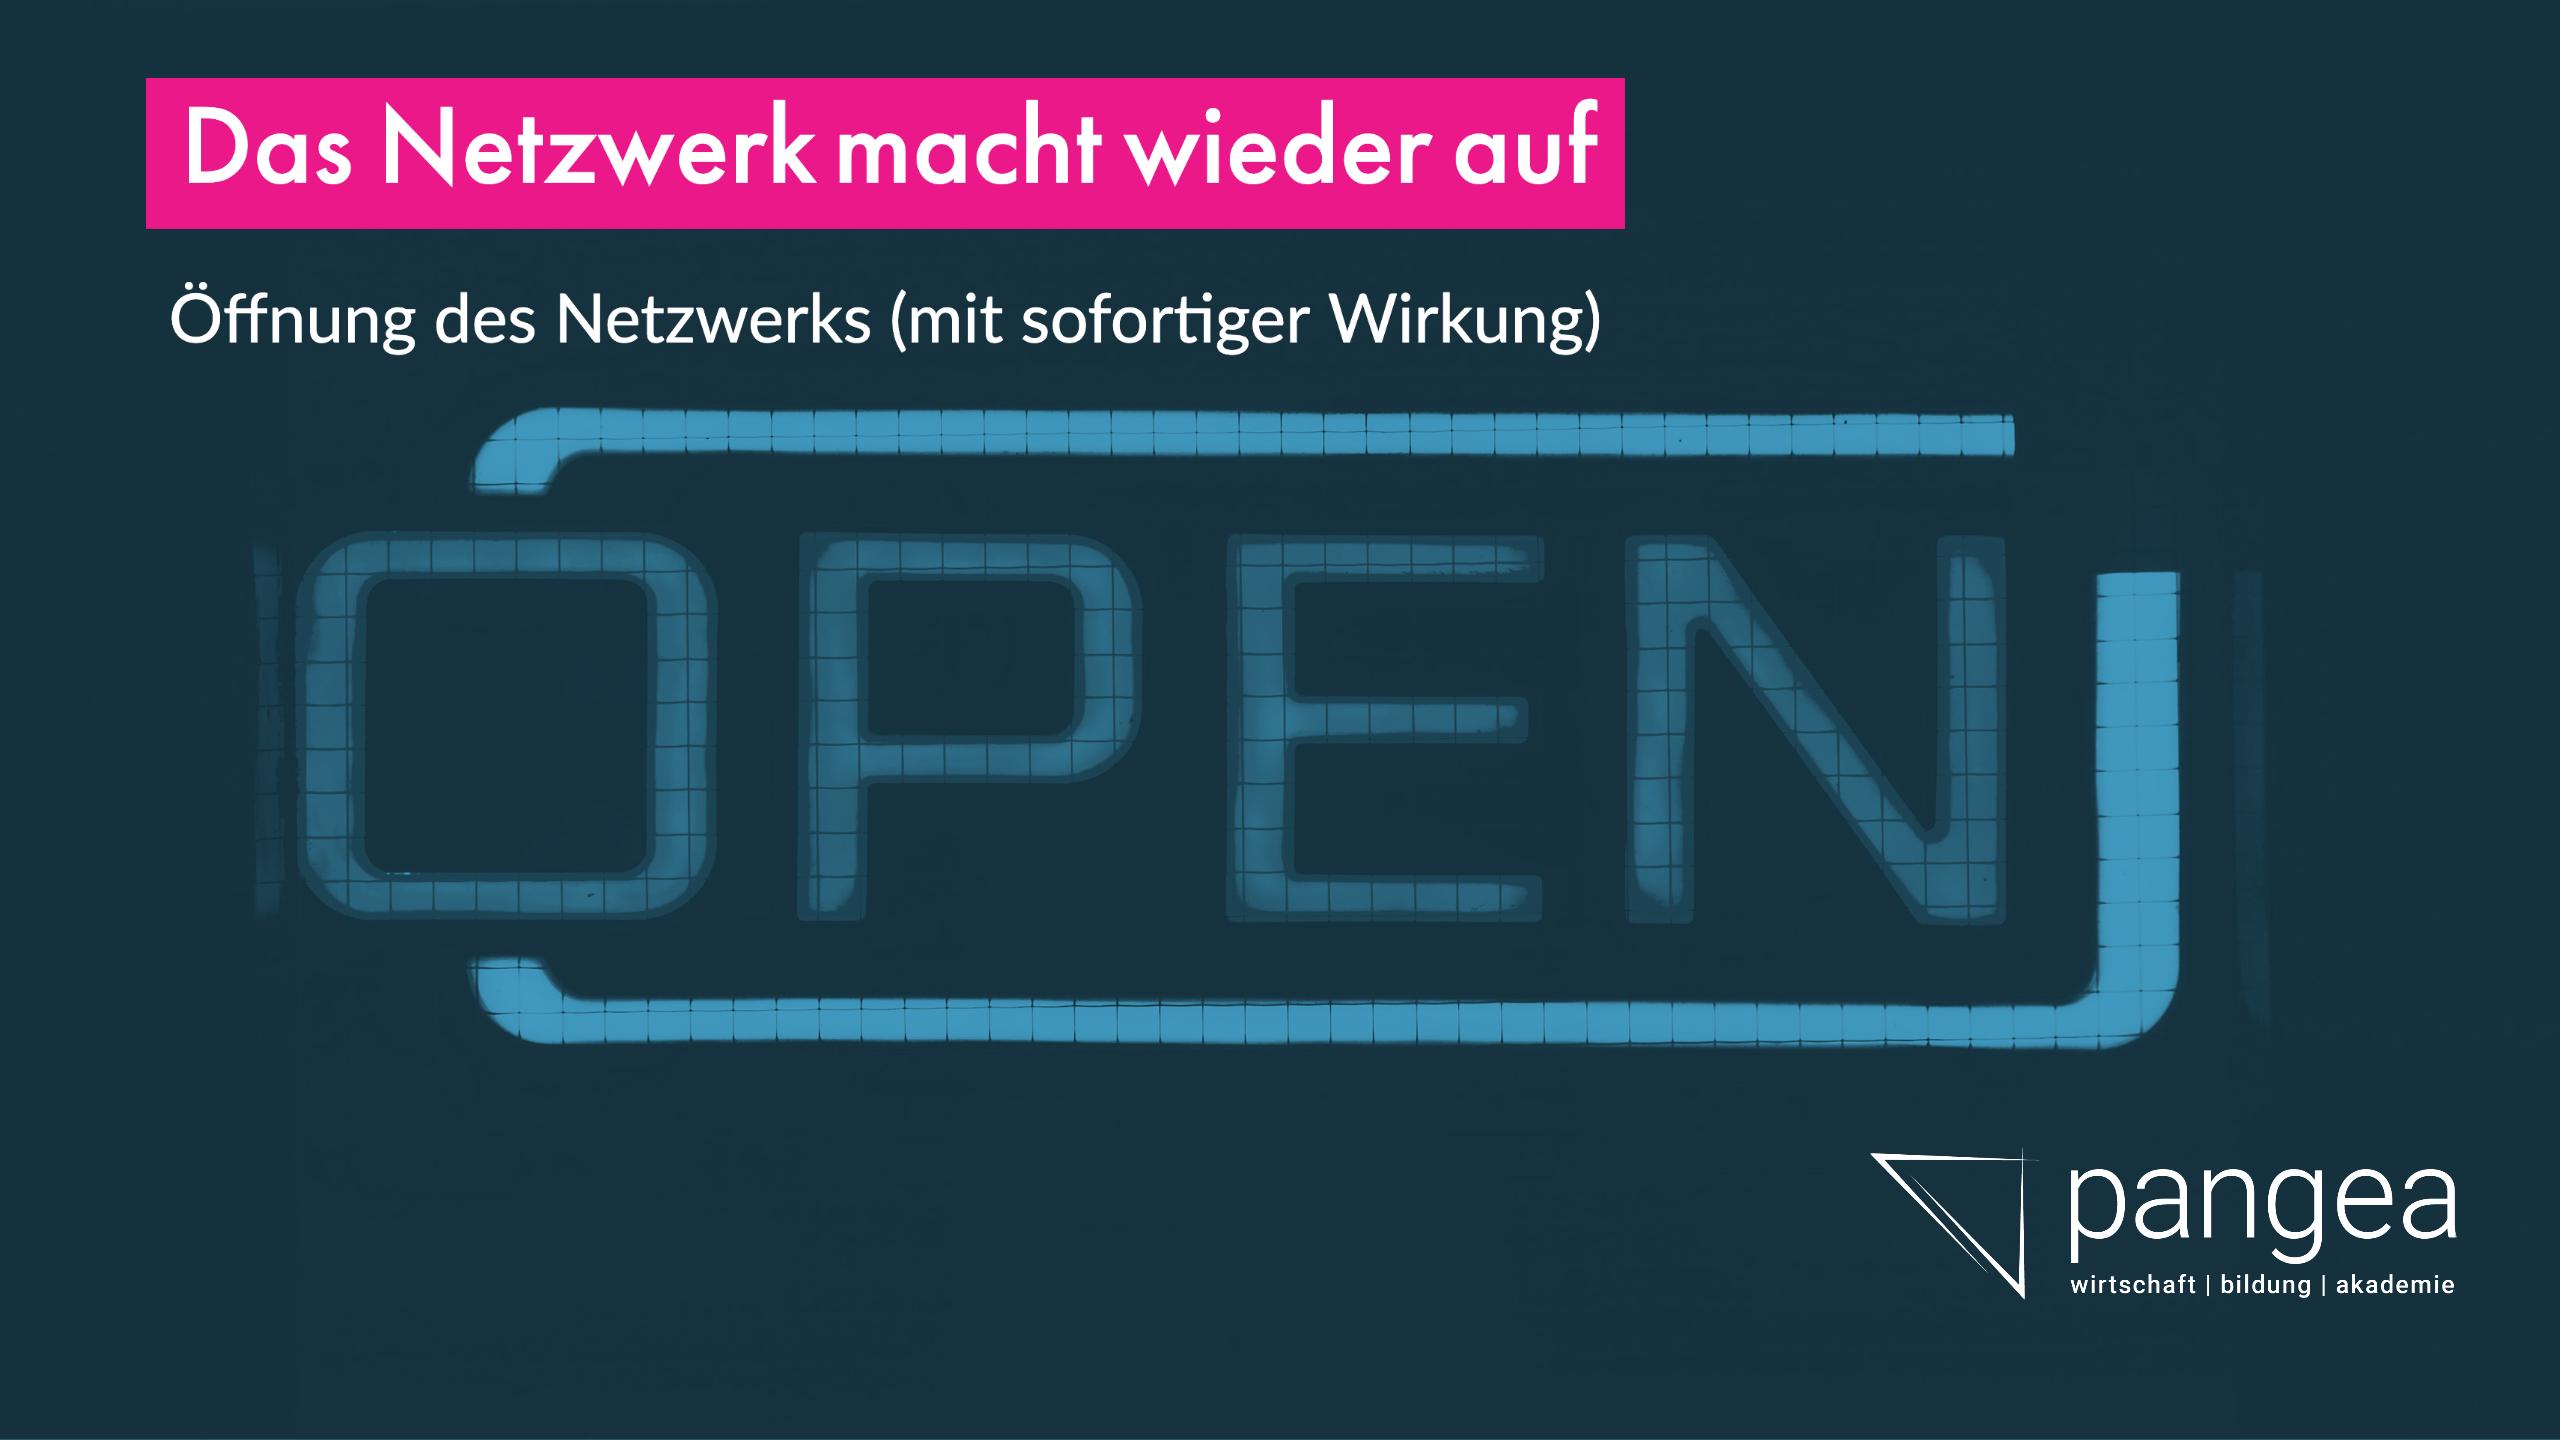 Das Netzwerk macht wieder auf!